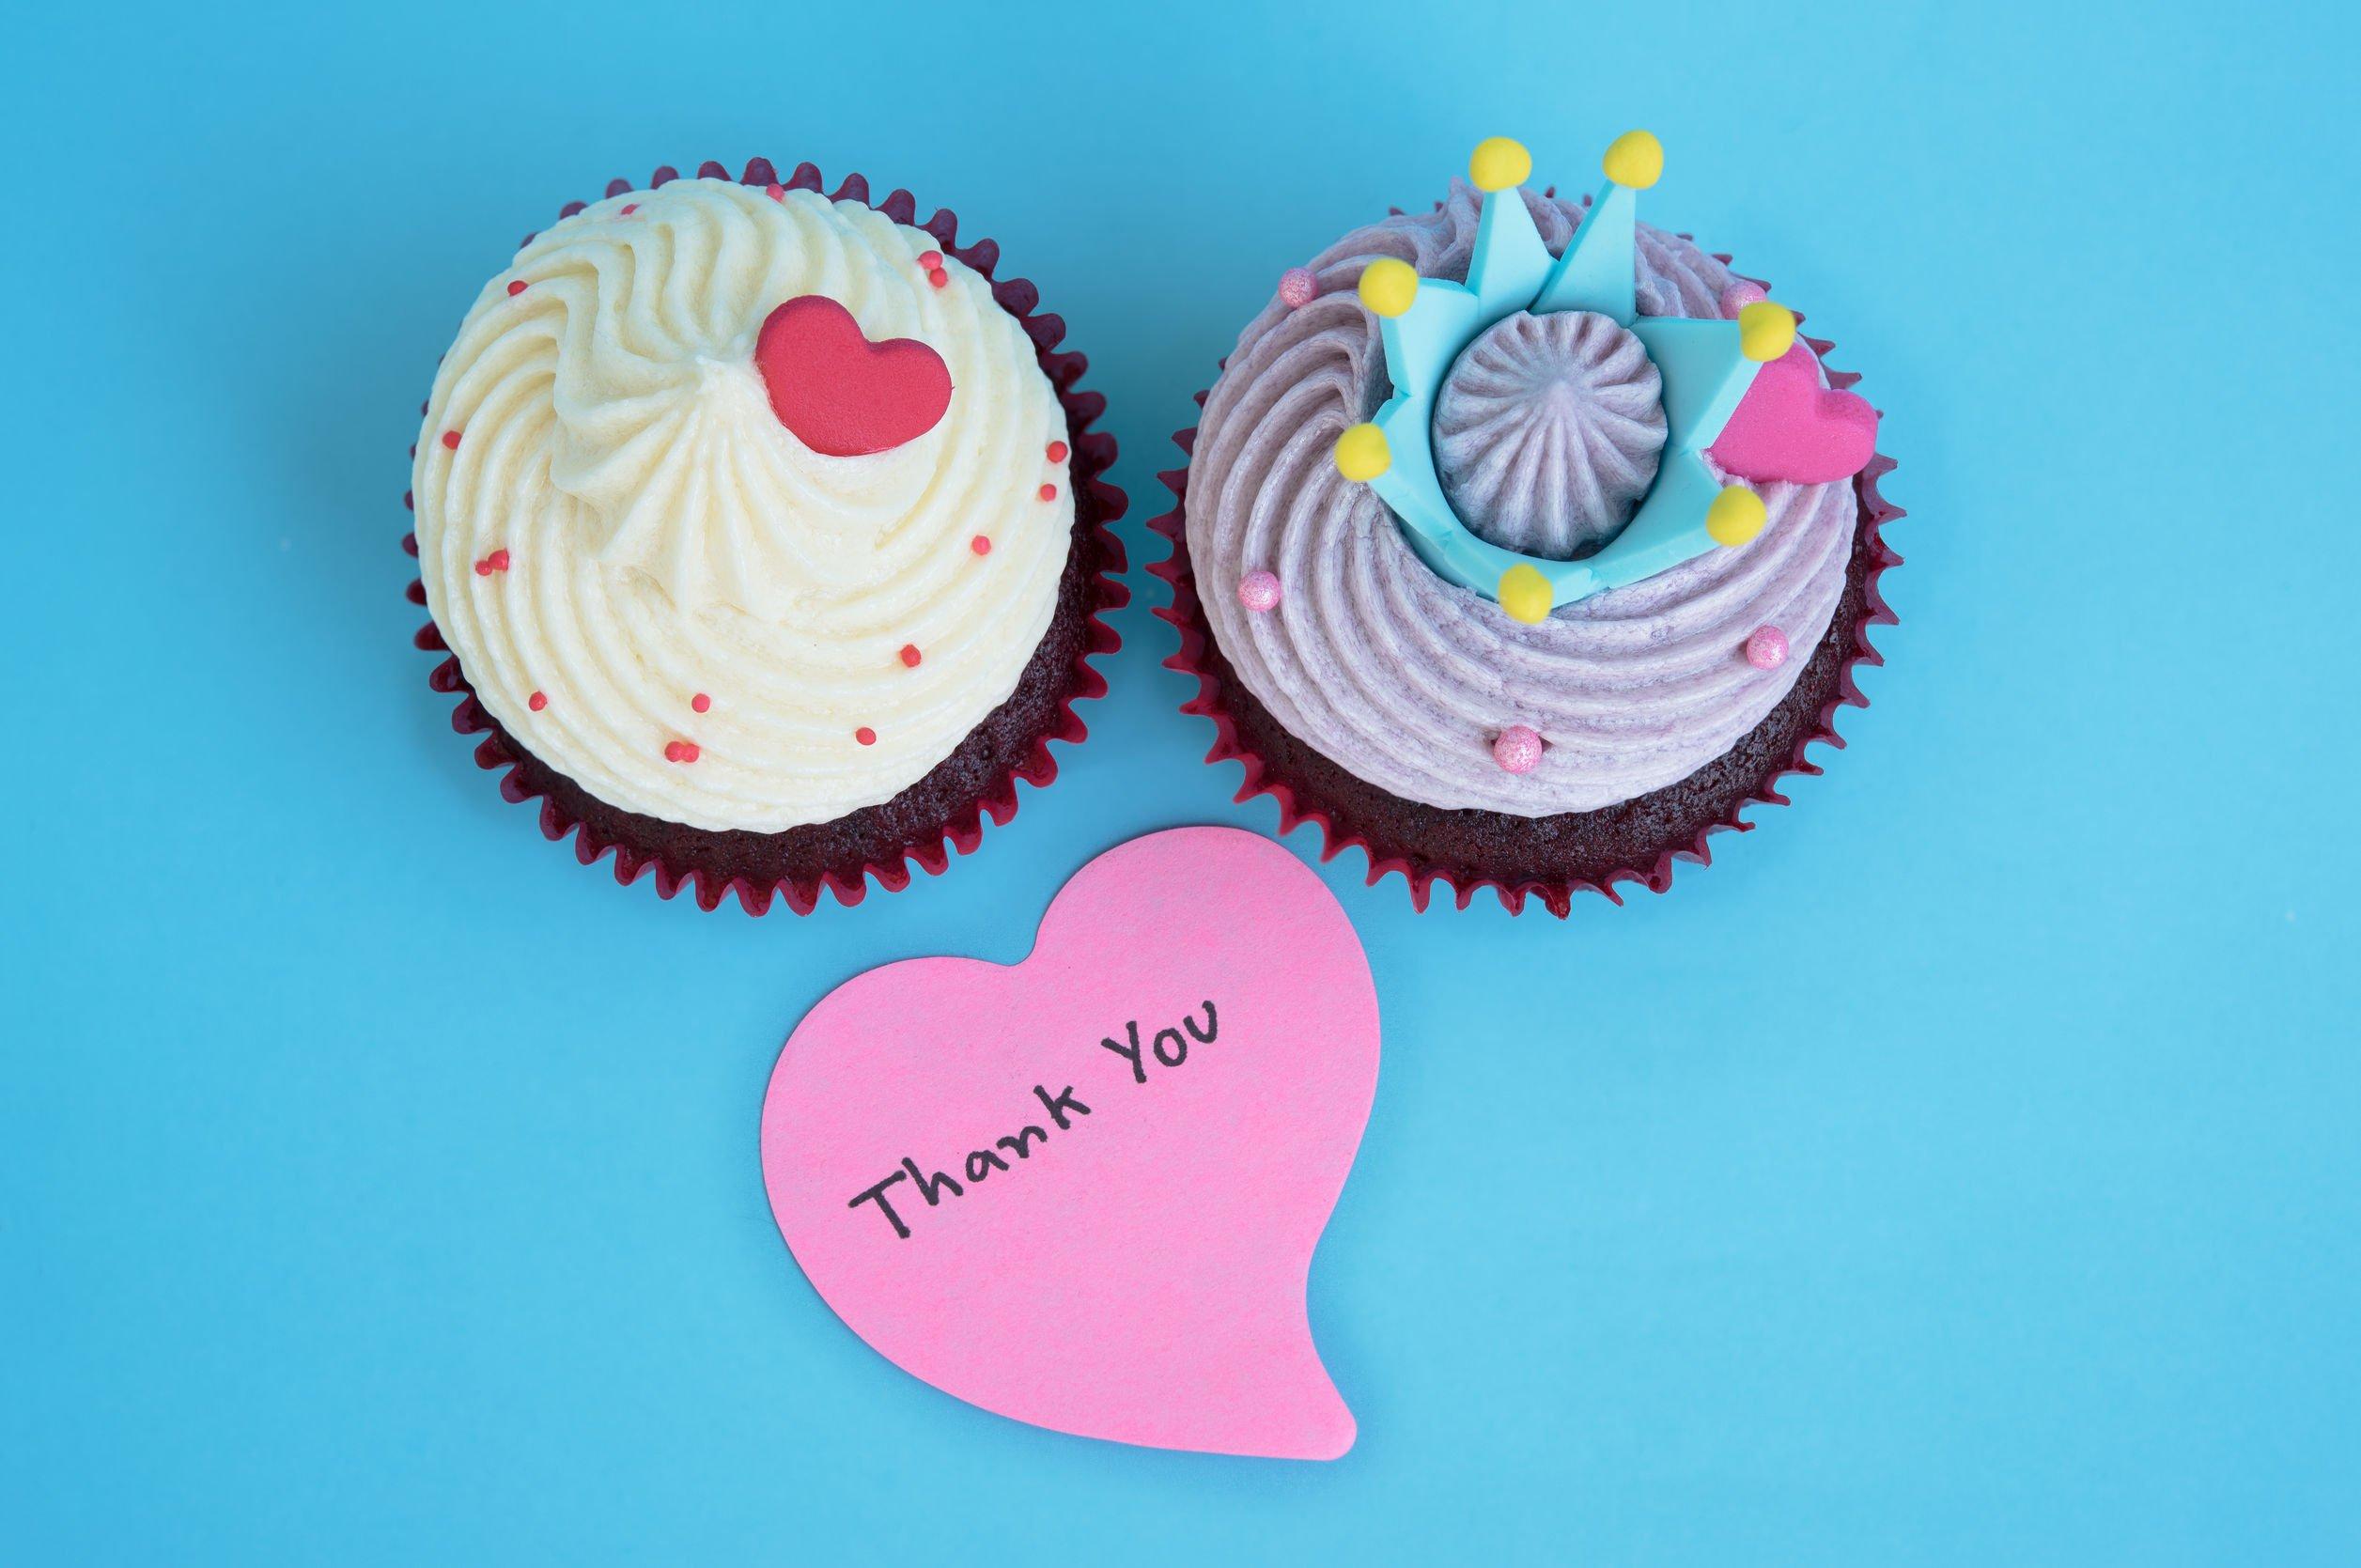 Mensagem De Agradecimento Pelas Felicitações Recebidas: Gratidão Pelas Mensagens Recebidas. Agradeça Quem Lembrou